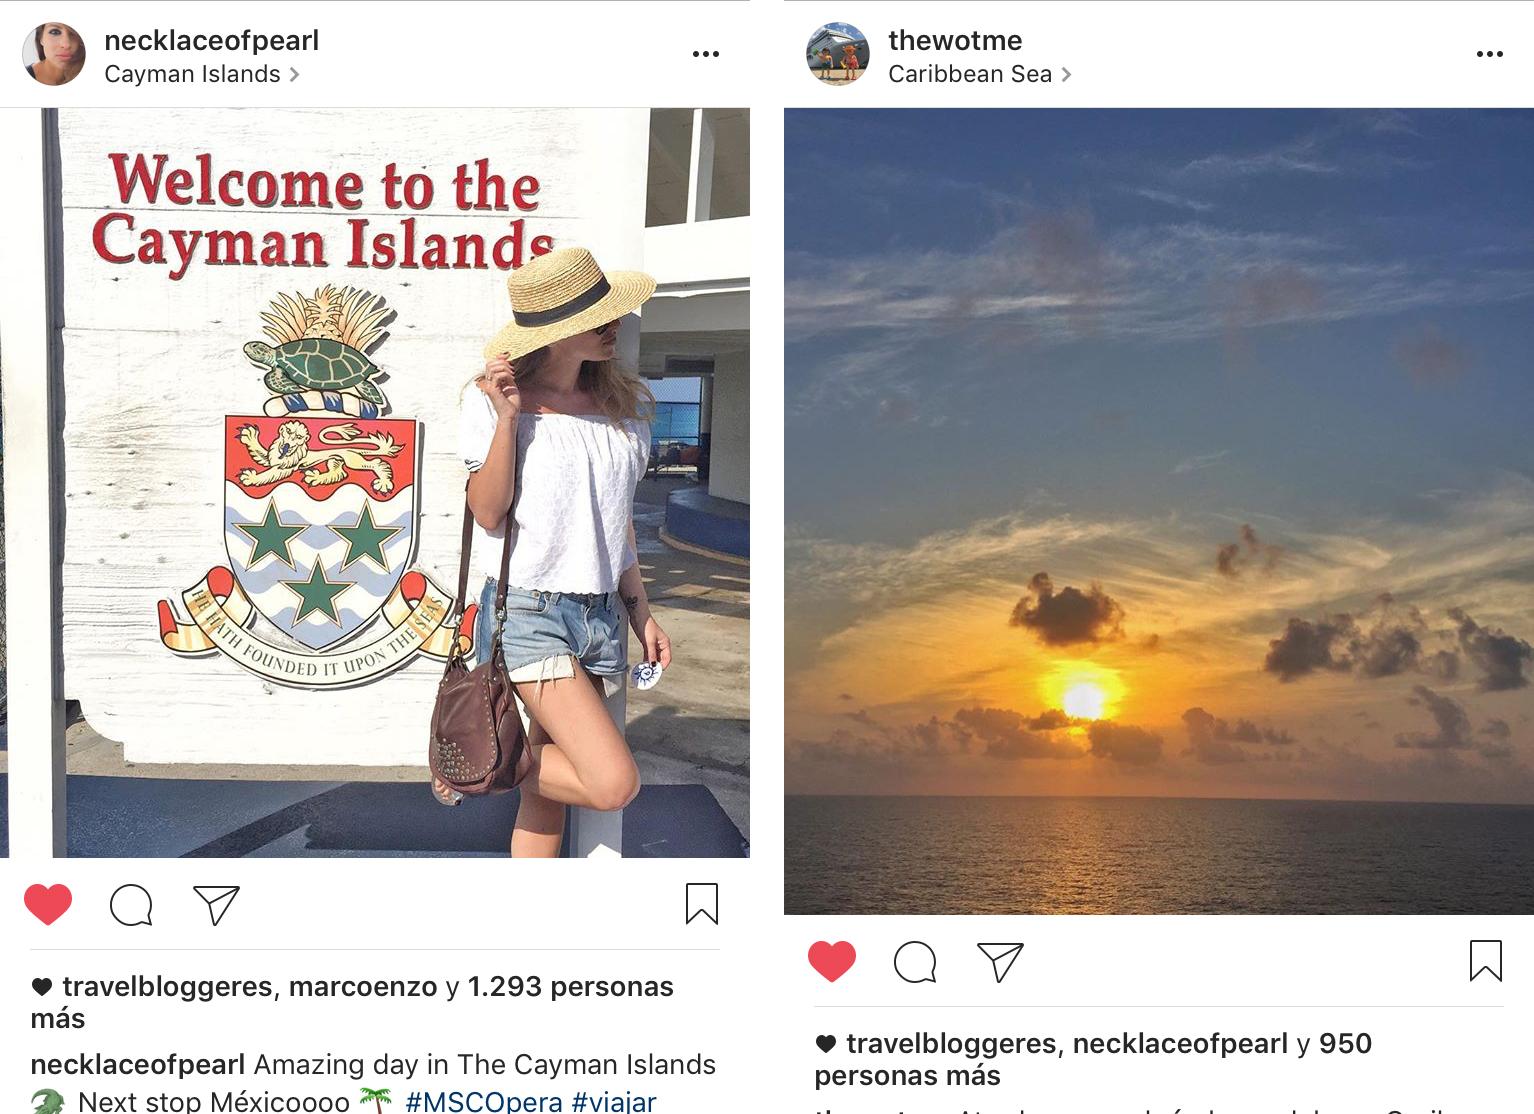 Viajes a Islas Caimán memoria de viajes 2016: el año del mar - 31964617896 dc762cd816 o - Memoria de Viajes 2016: el año del Mar